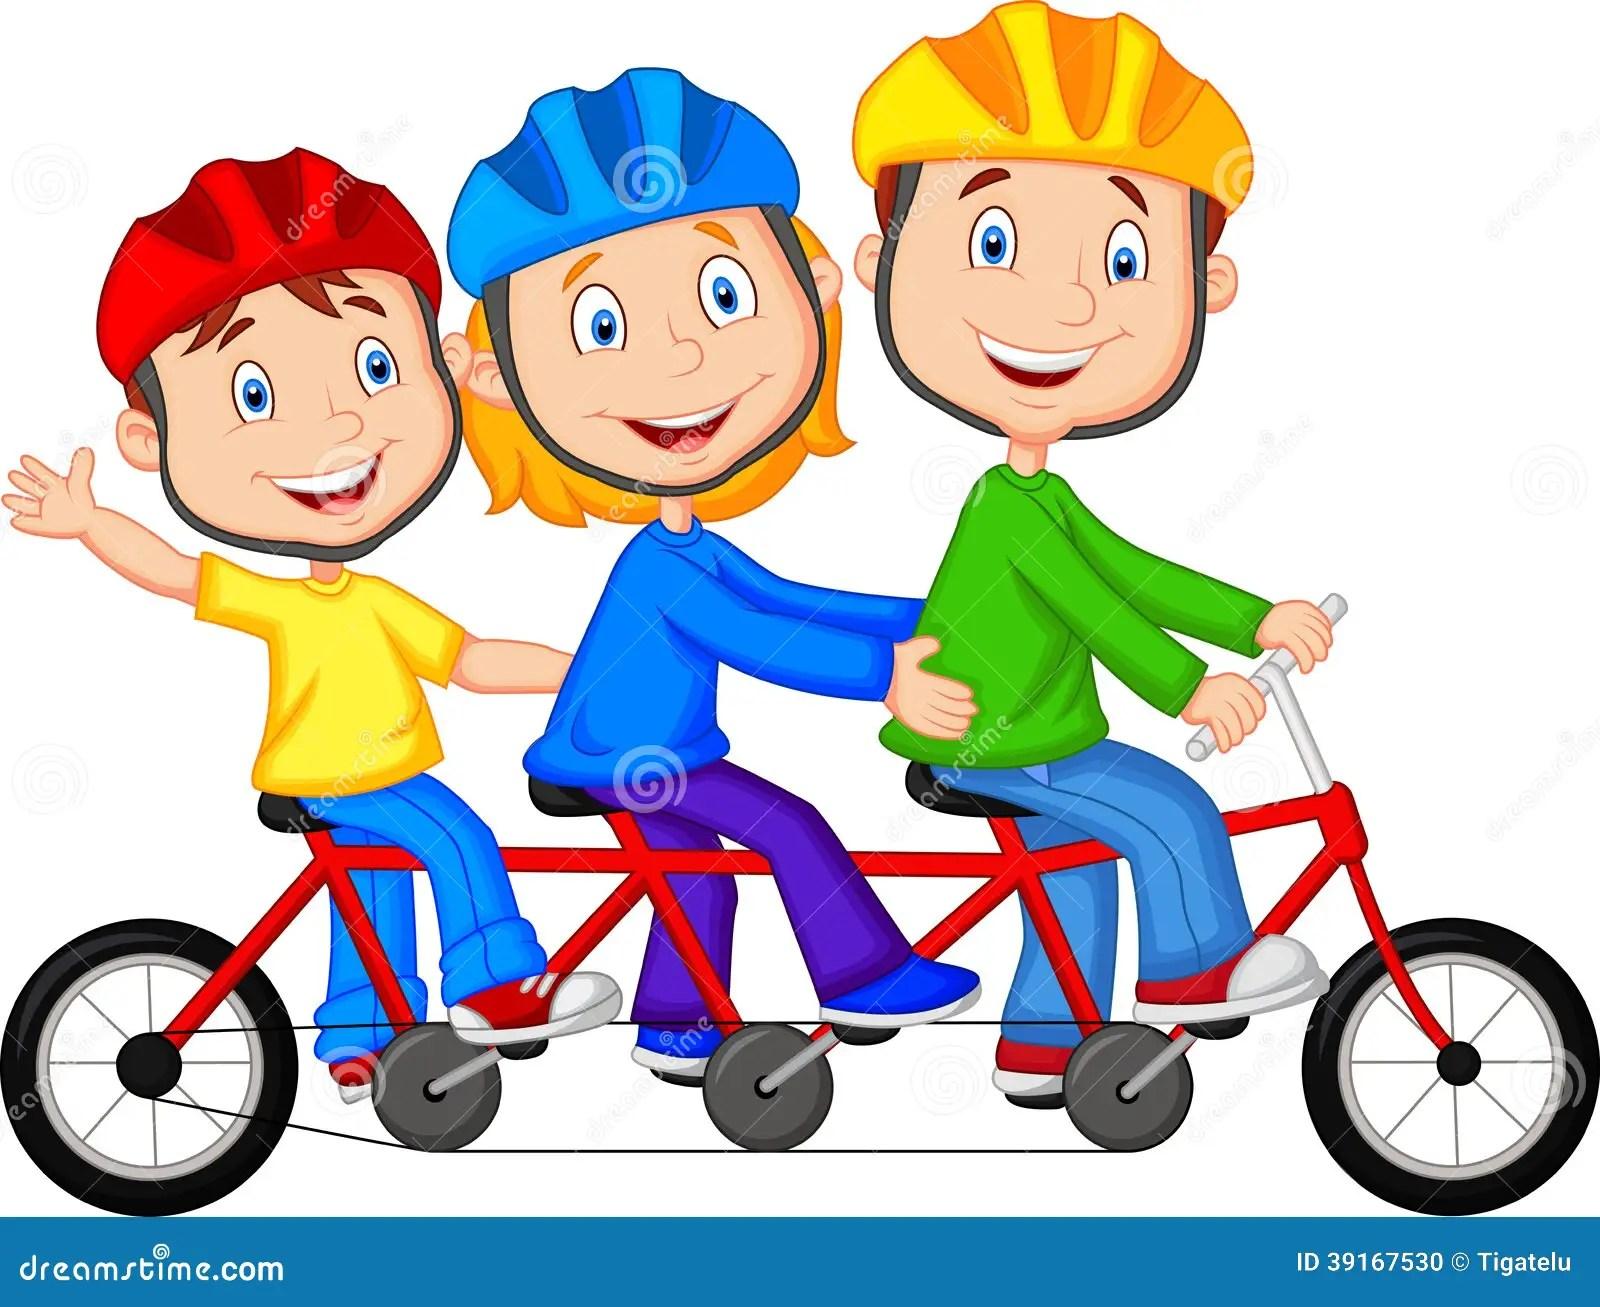 happy family cartoon riding